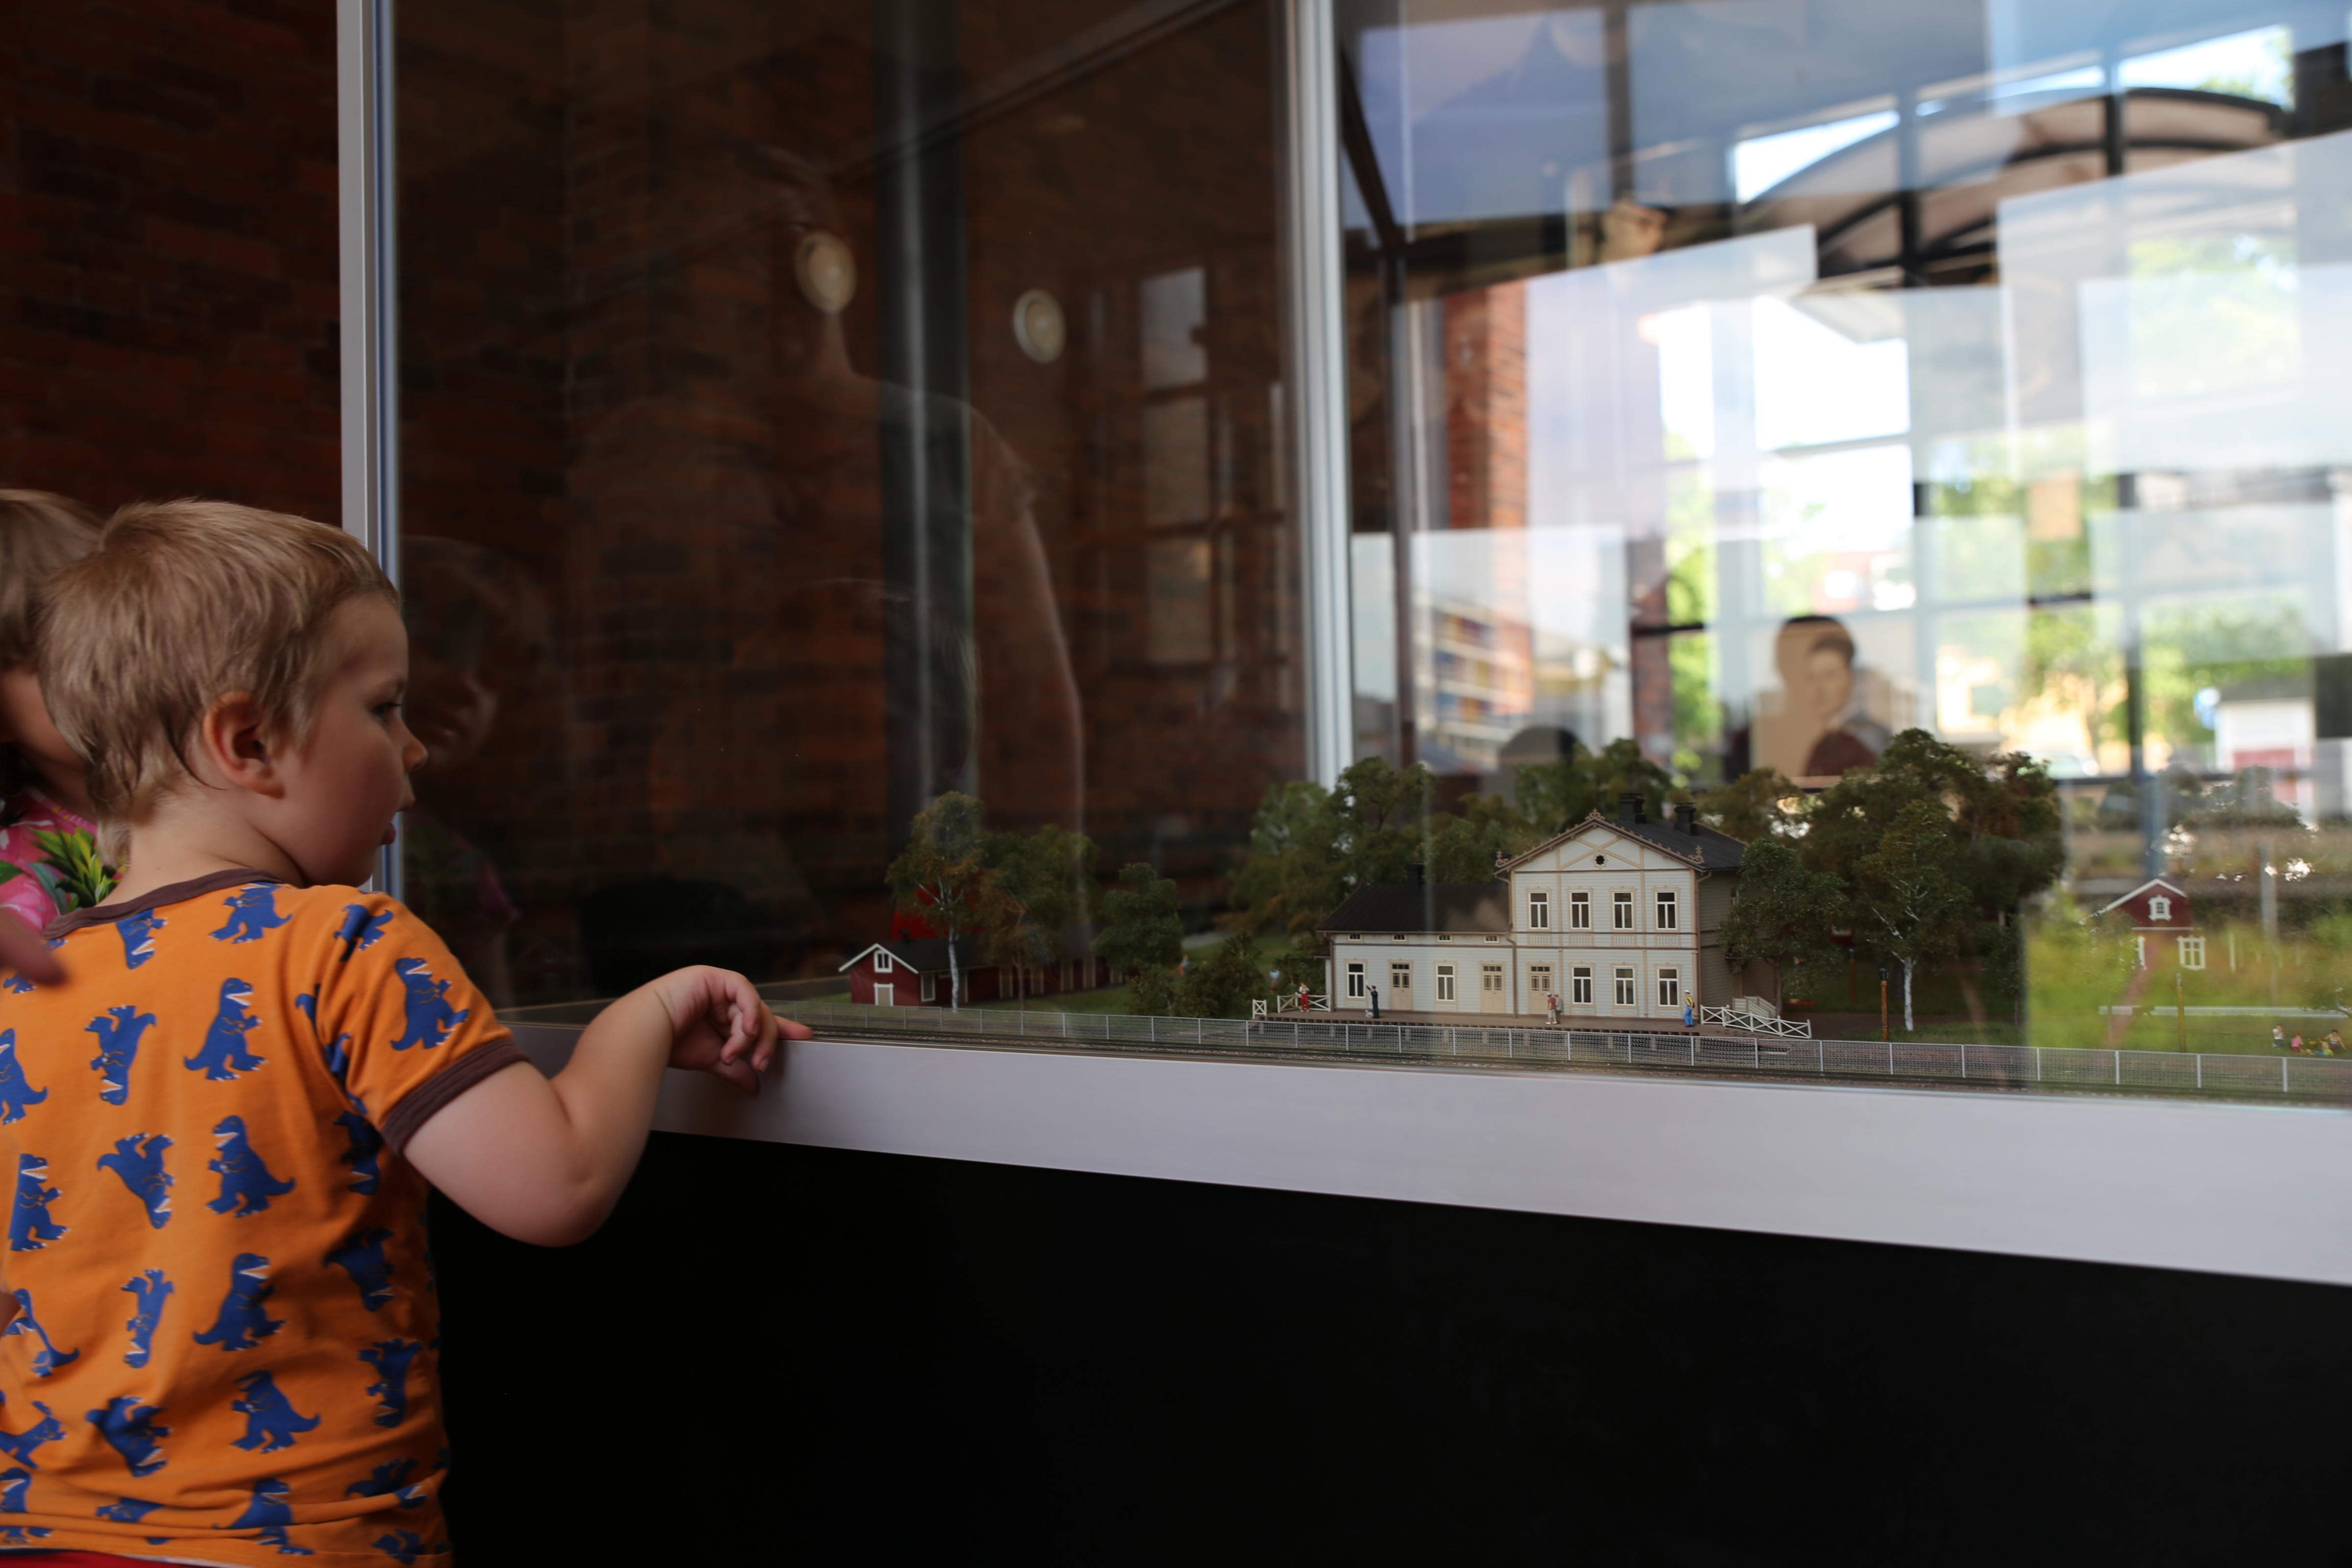 Poika tutkii Rautatiemuseon alueen pienoismallia Rautatiemuseon aulassa.